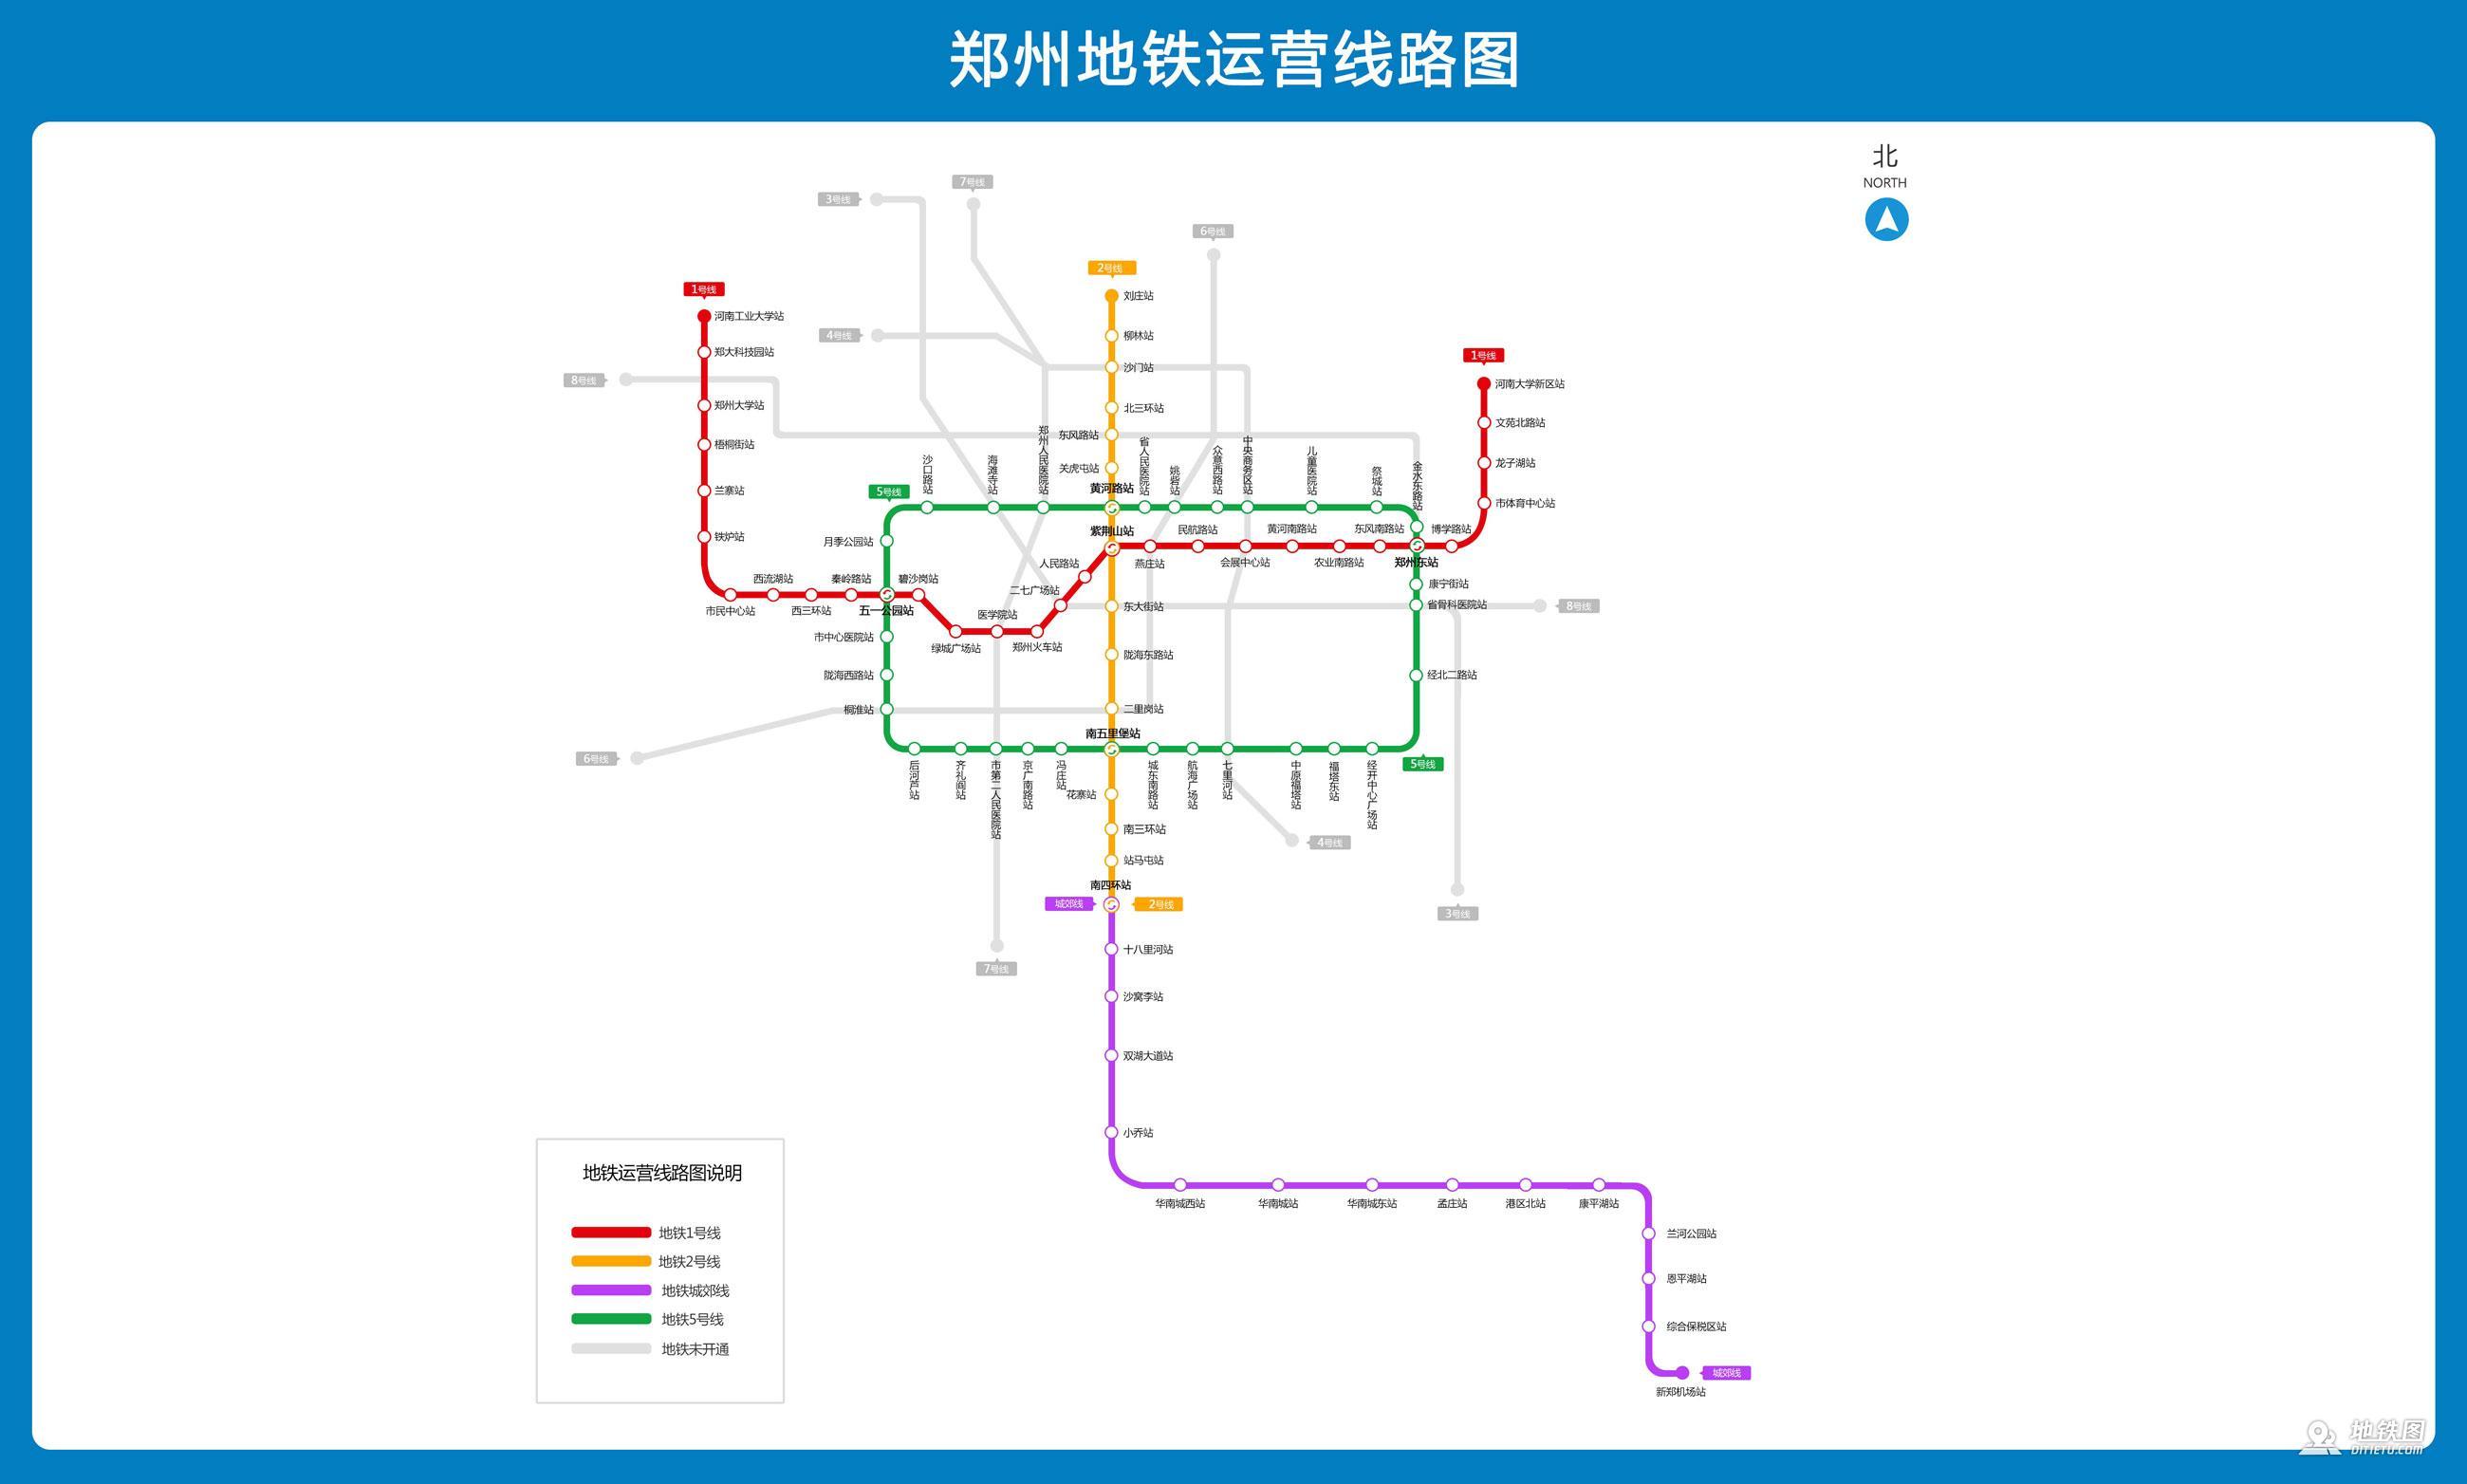 郑州地铁线路图 运营时间票价站点 查询下载 郑州地铁线路图 郑州地铁票价 郑州地铁运营时间 郑州地铁 郑州地铁线路图  第1张